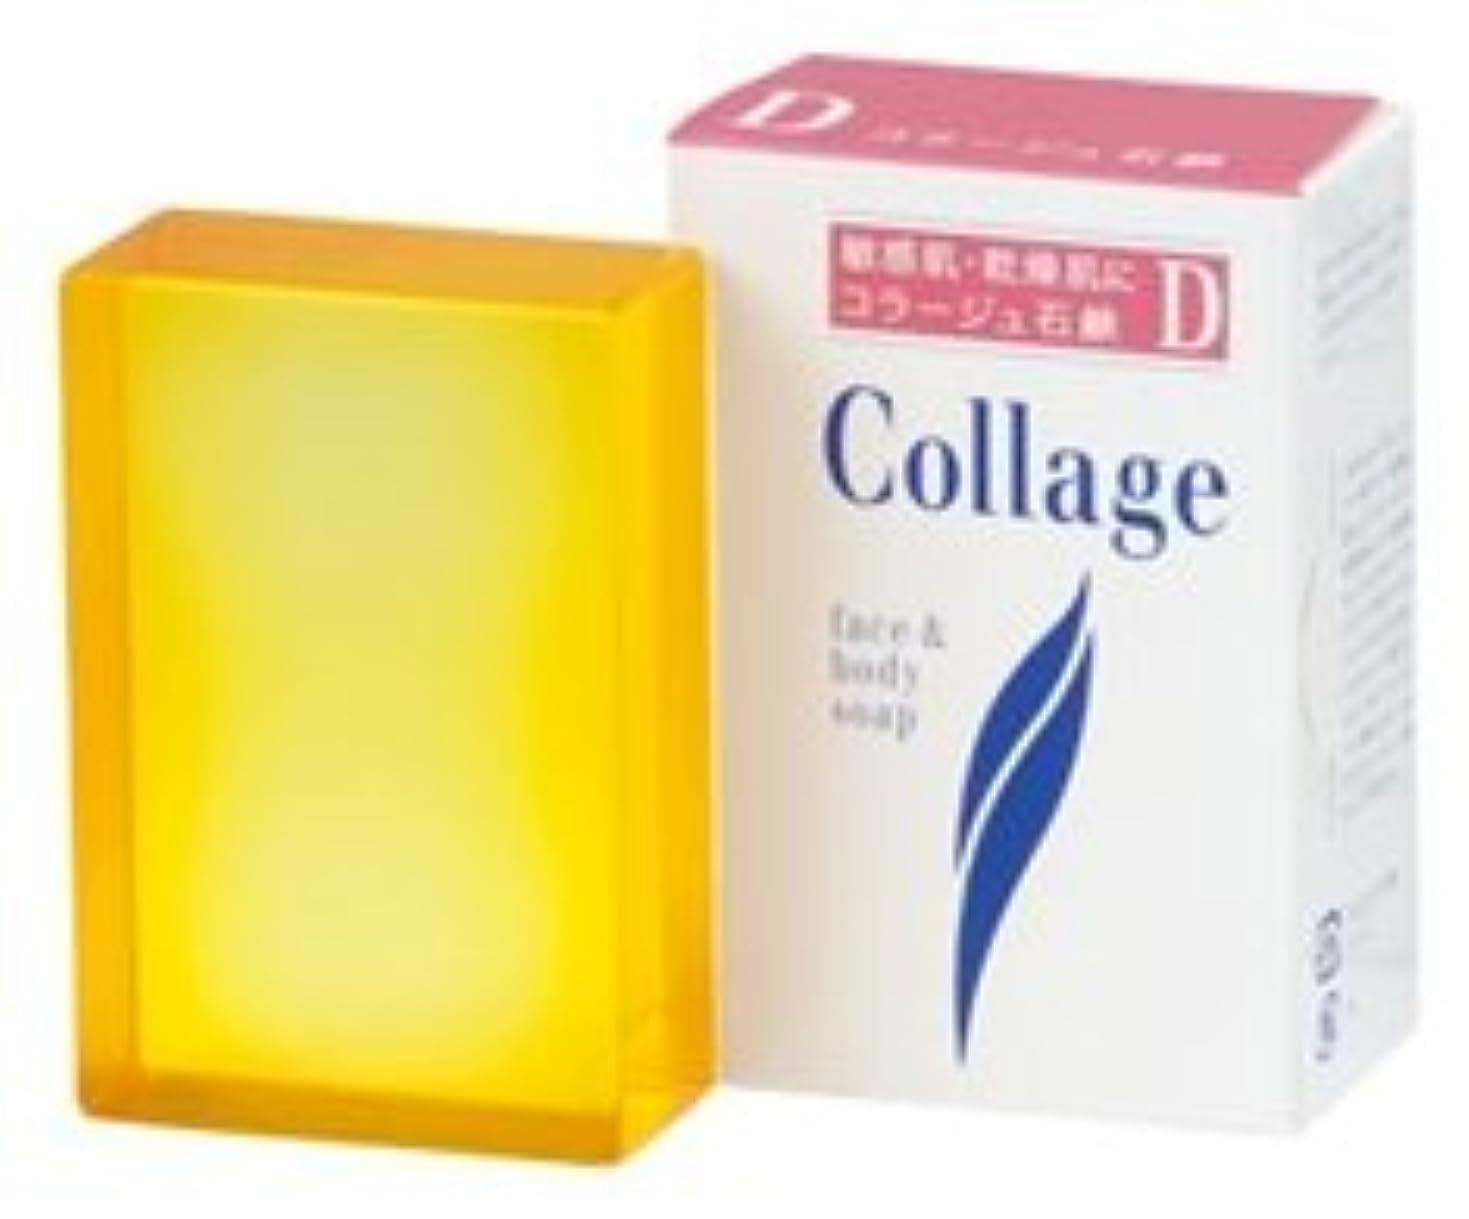 コード先下向きコラージュD乾性肌用石鹸100g×2 1342